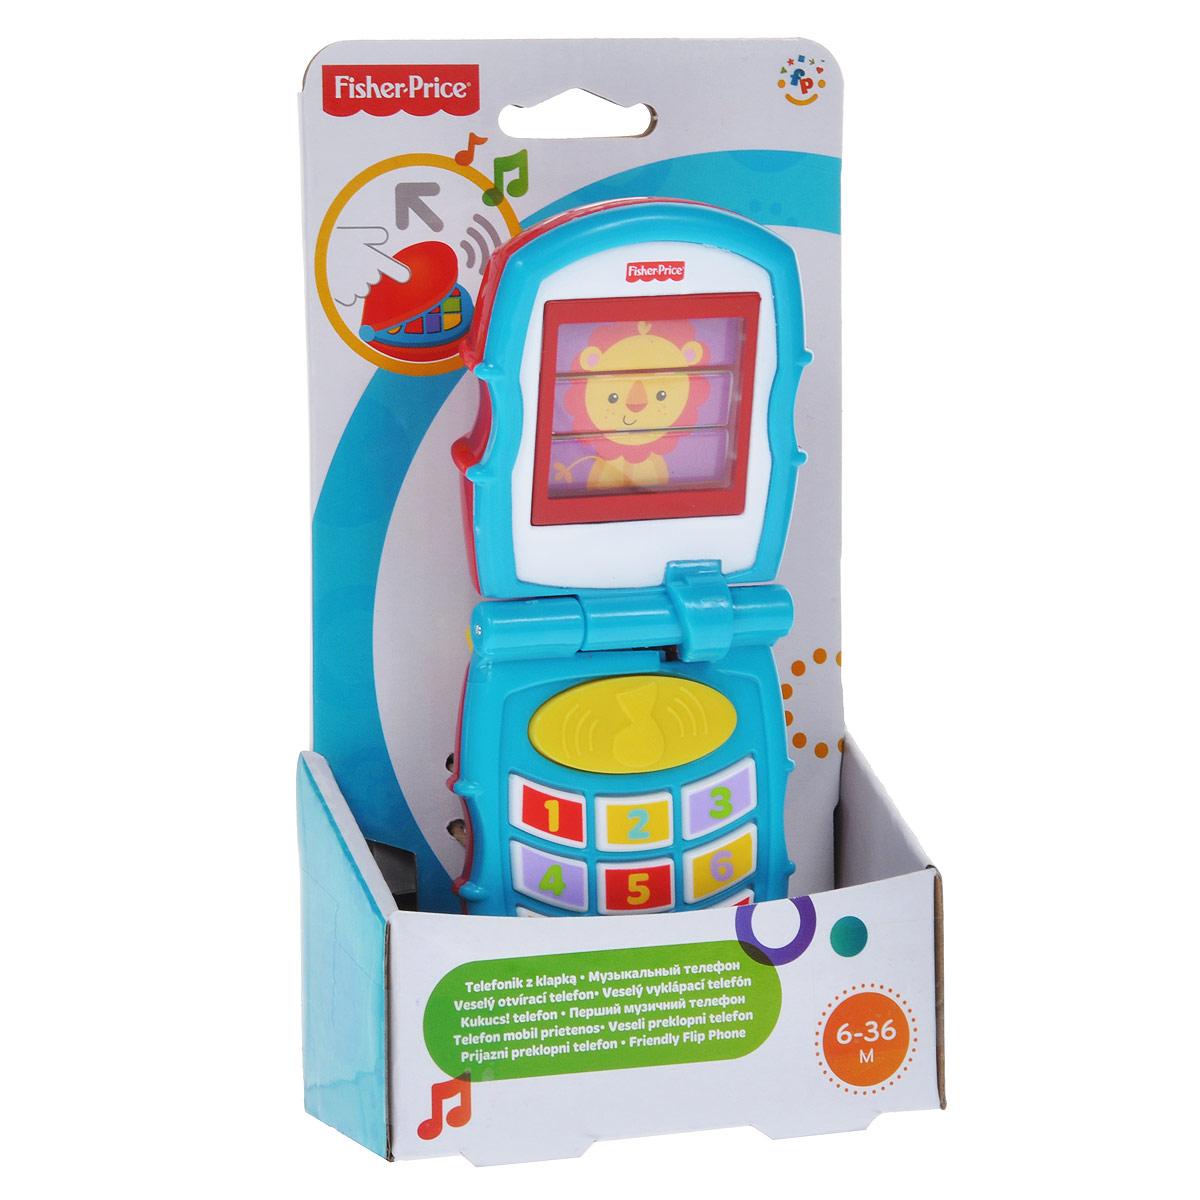 """Музыкальная игрушка Fisher-Price """"Раскладной телефон"""" привлечет внимание вашего малыша и не позволит ему скучать. Она выполнена из прочного пластика в виде телефона с открывающейся крышкой. На внутренней стороне крышки имеется экран, на котором изображена симпатичная зверюшка (львенок, слоник или обезьянка). При каждом открывании крышки телефона картинка меняется. При нажатии на кнопки с цифрами малыш услышит веселые звуки. А если нажать на кнопку с ноткой, будет играть одна из трех мелодий. Игрушка """"Раскладной телефон"""" способствует развитию у ребенка цветового и звукового восприятия, памяти, мышления, тактильный ощущений и мелкой моторики рук."""